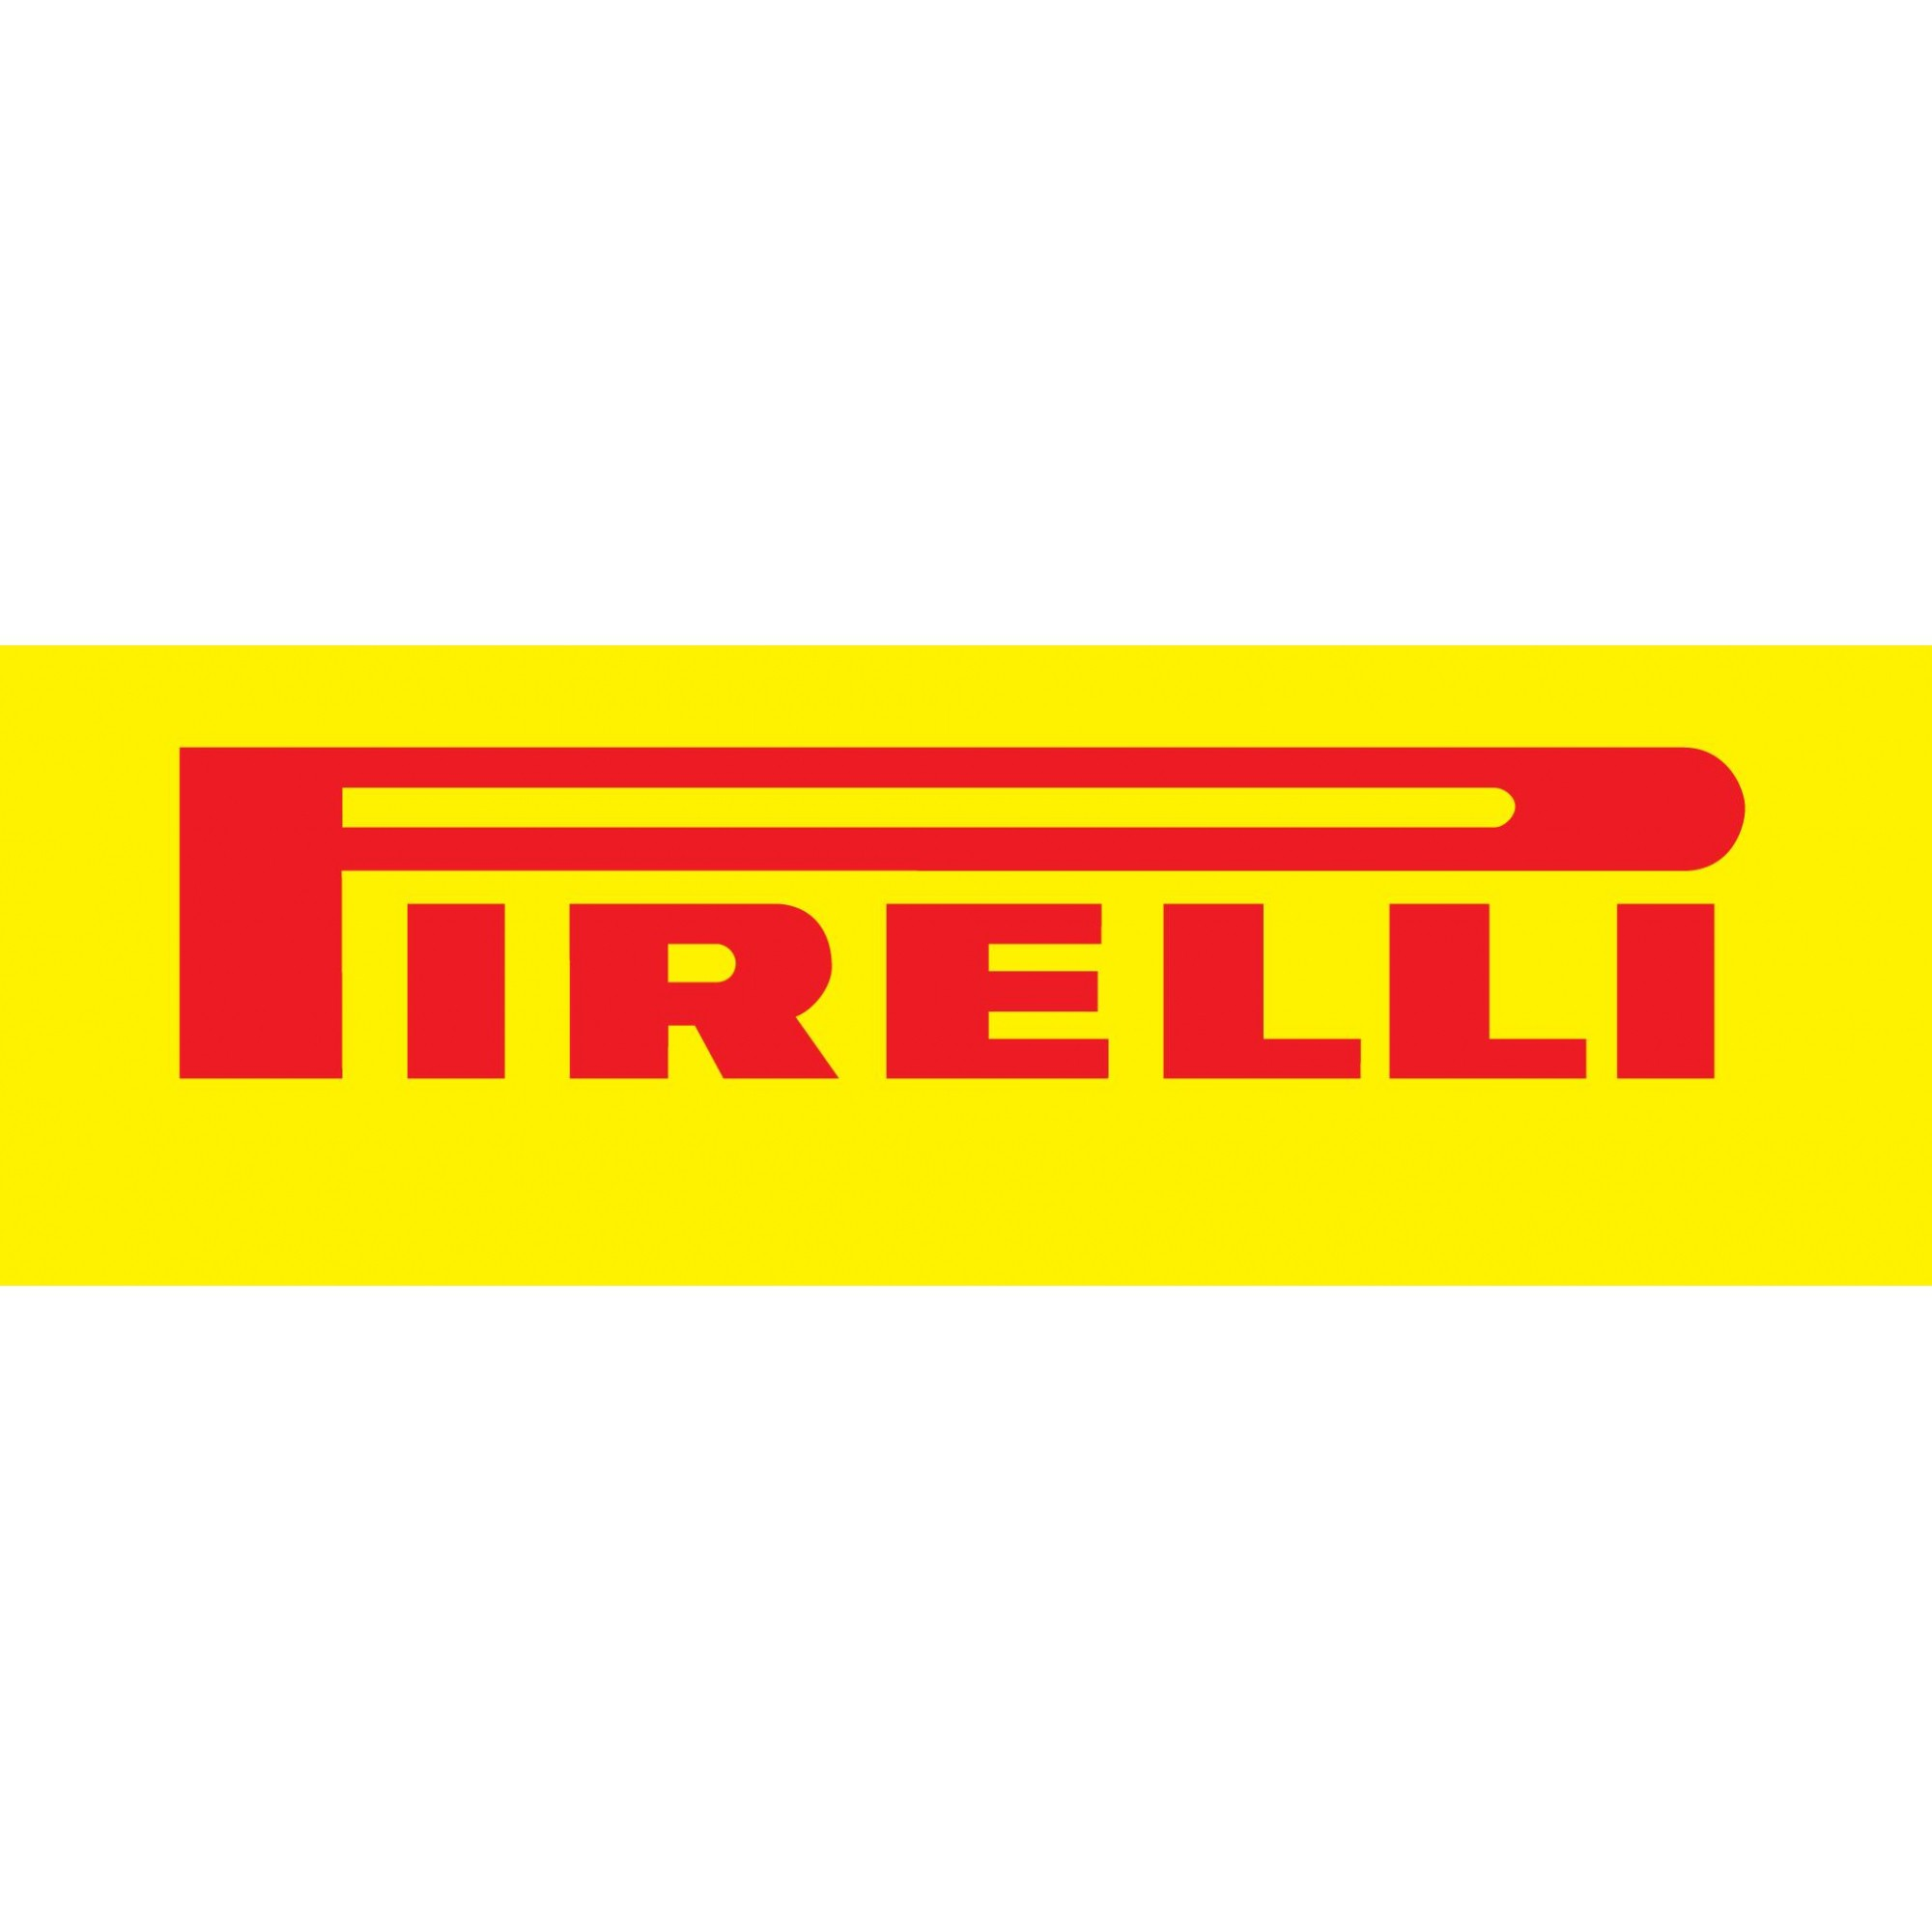 Par De Pneu Original Dragstar 650 Route 66 Pirelli